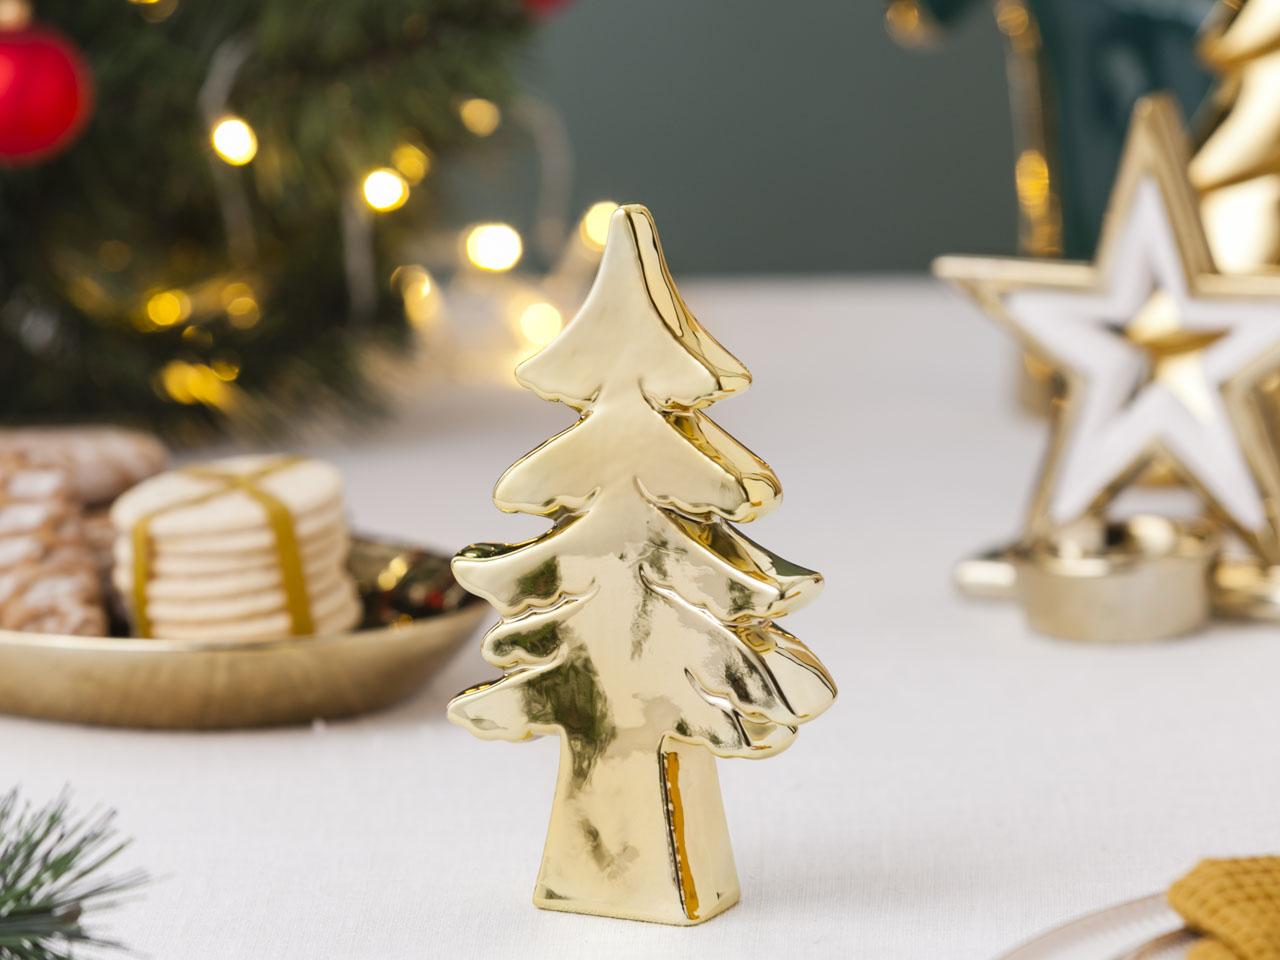 Ozdoba / figurka / dekoracja świąteczna Boże Narodzenie Altom Design choinka złota 9x3x16 cm